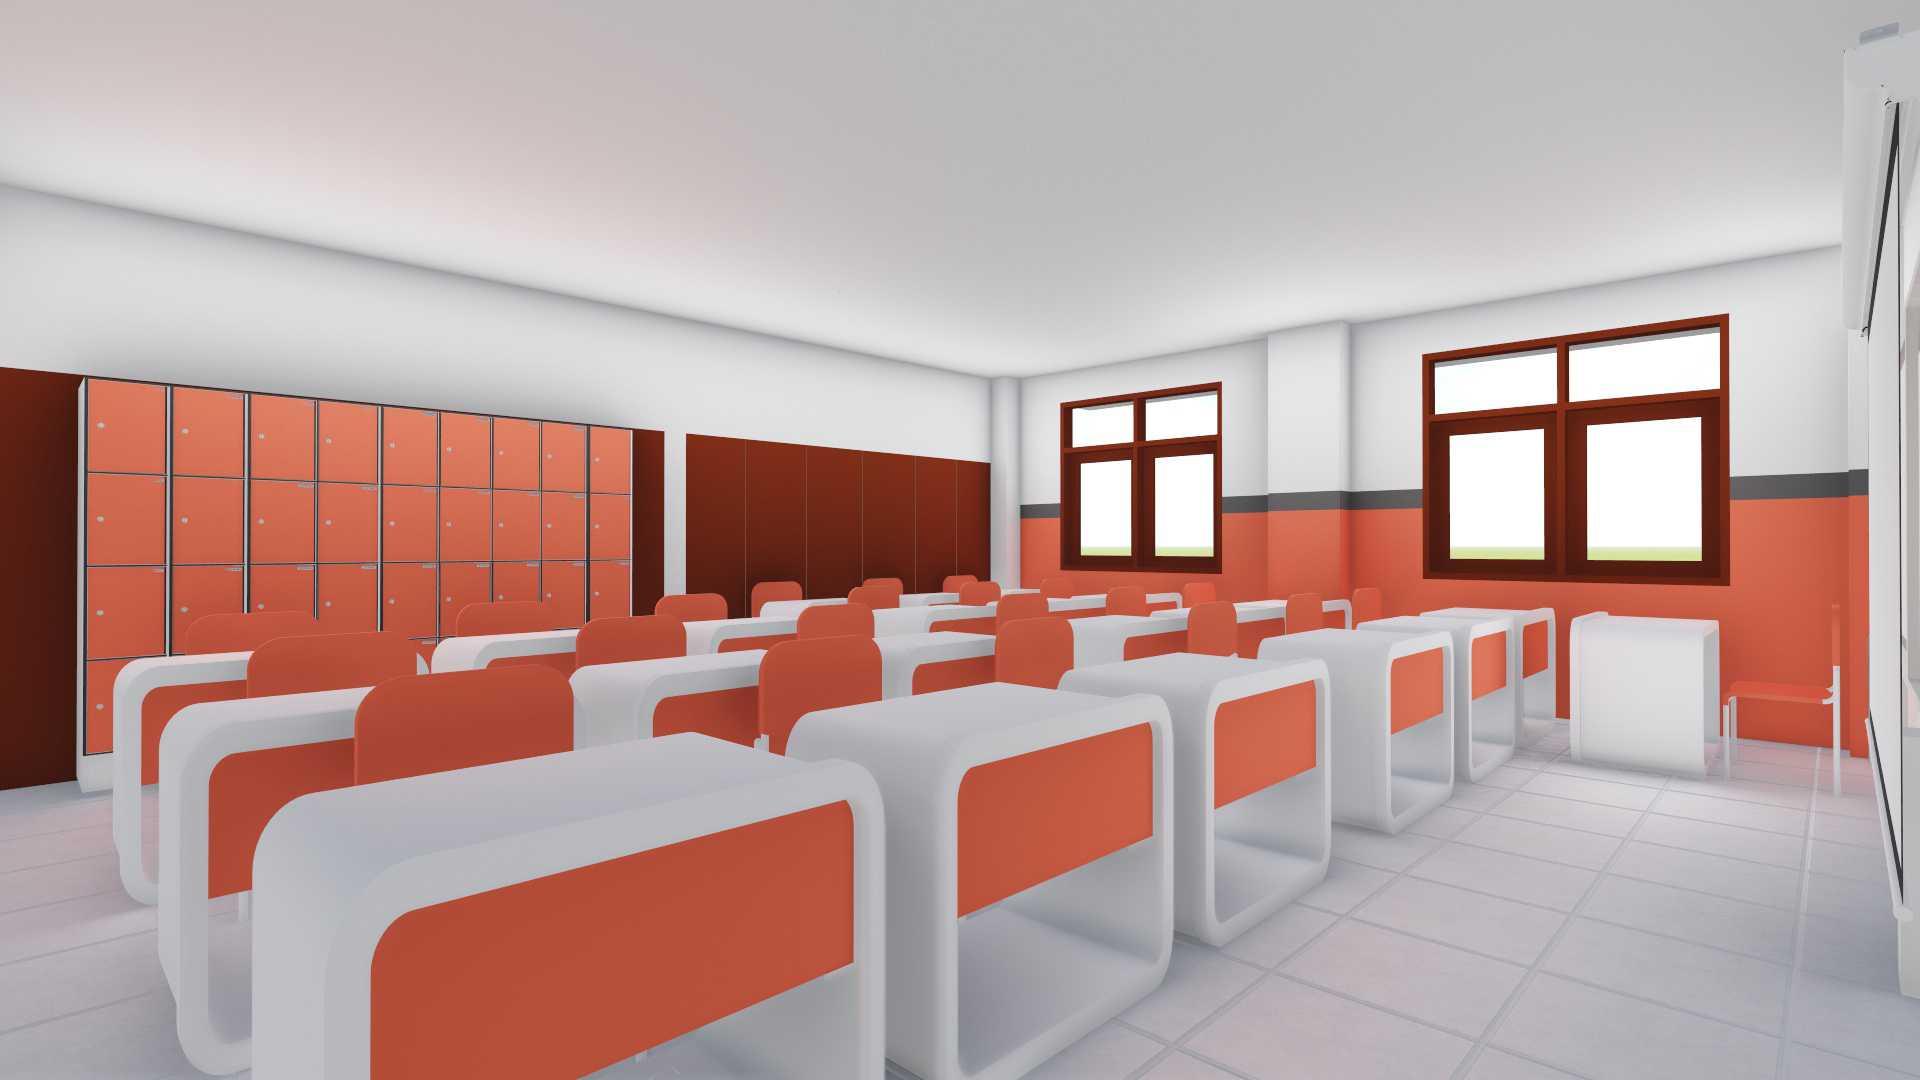 Photo Ruang Kelas Sd Juara Bandung 5 Desain Arsitek Oleh